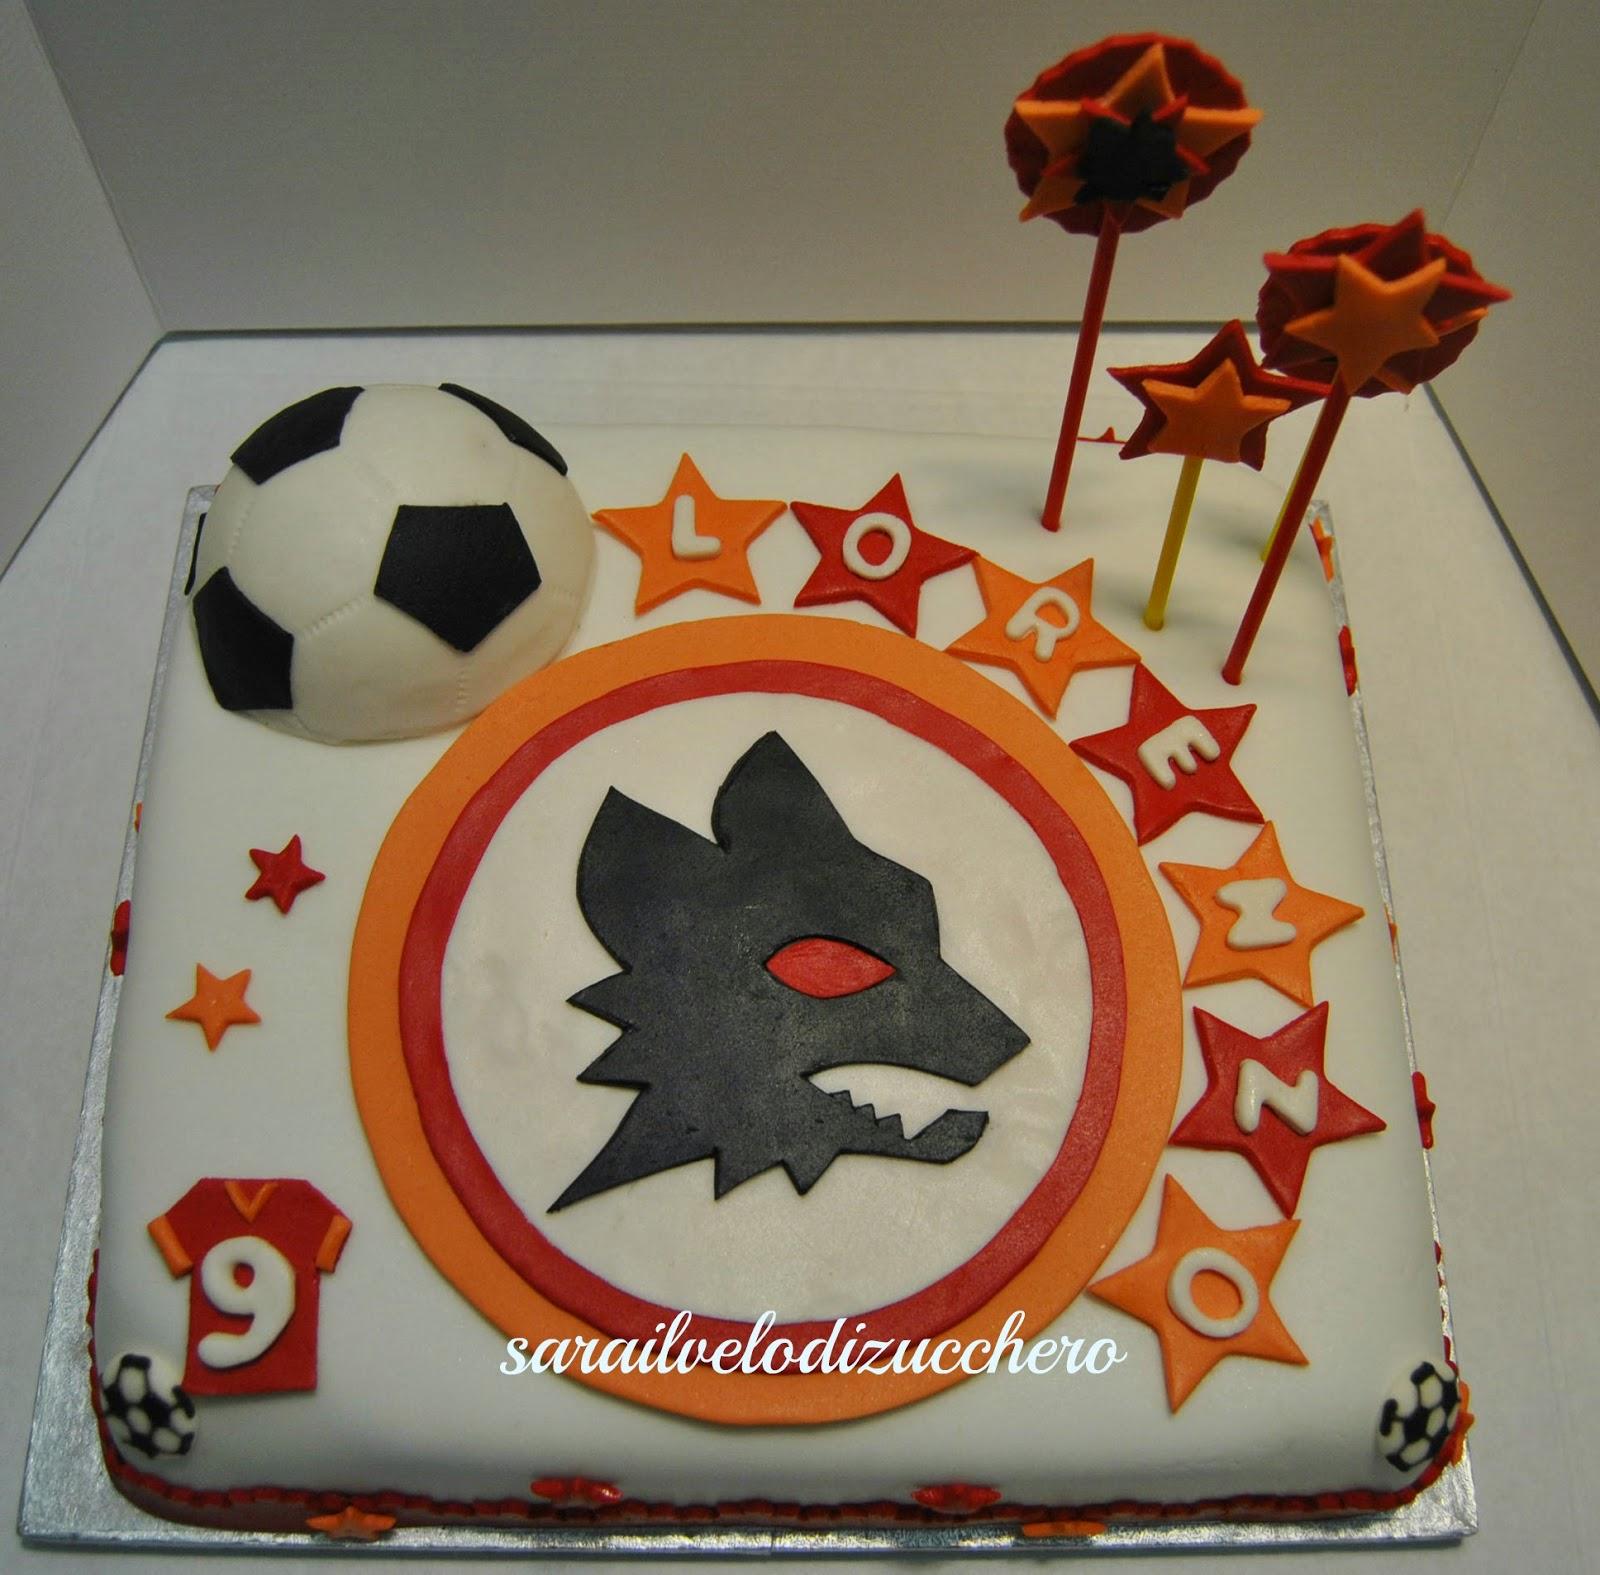 Cake Design Roma Prenestina : ** il Velo Di Zucchero **: Torta della Roma